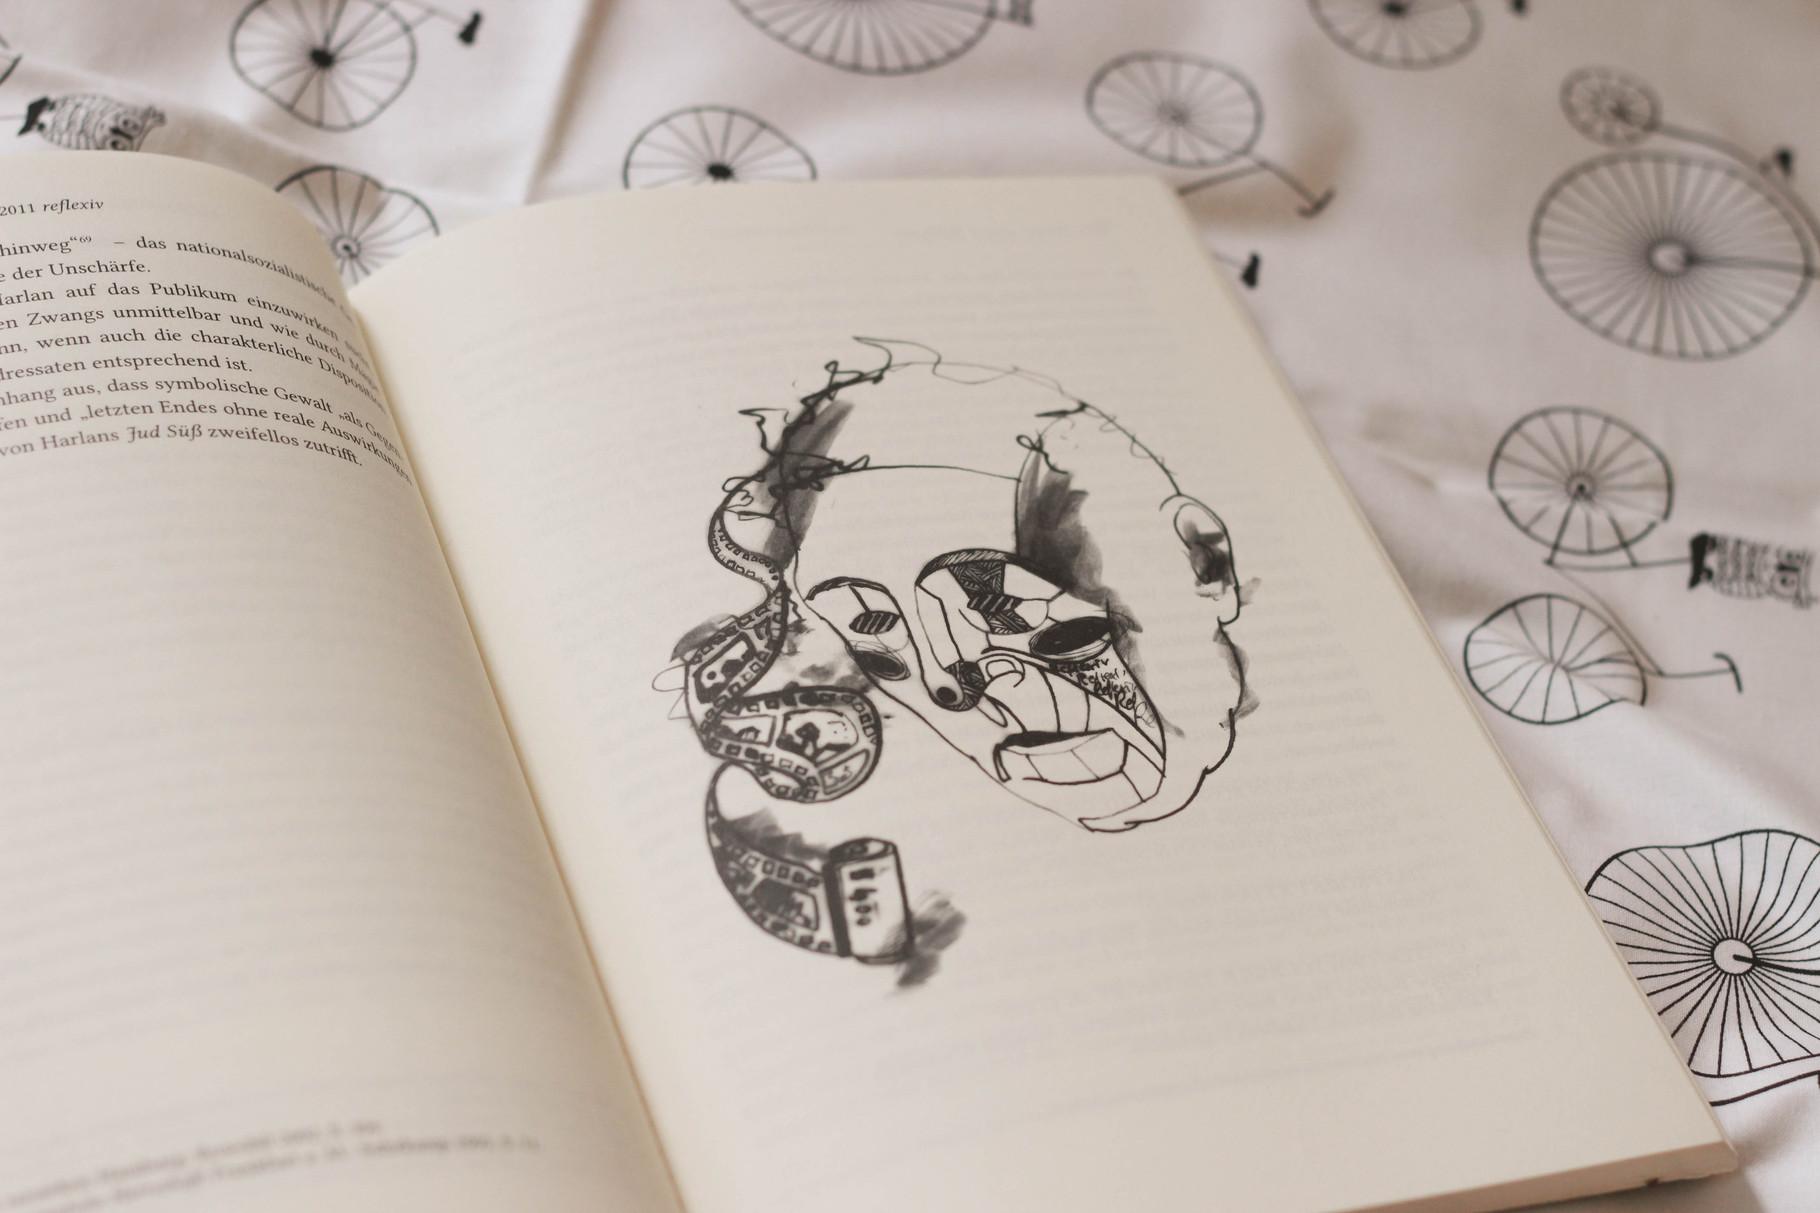 Editorial Illustration für das SYN Magazin, 2011